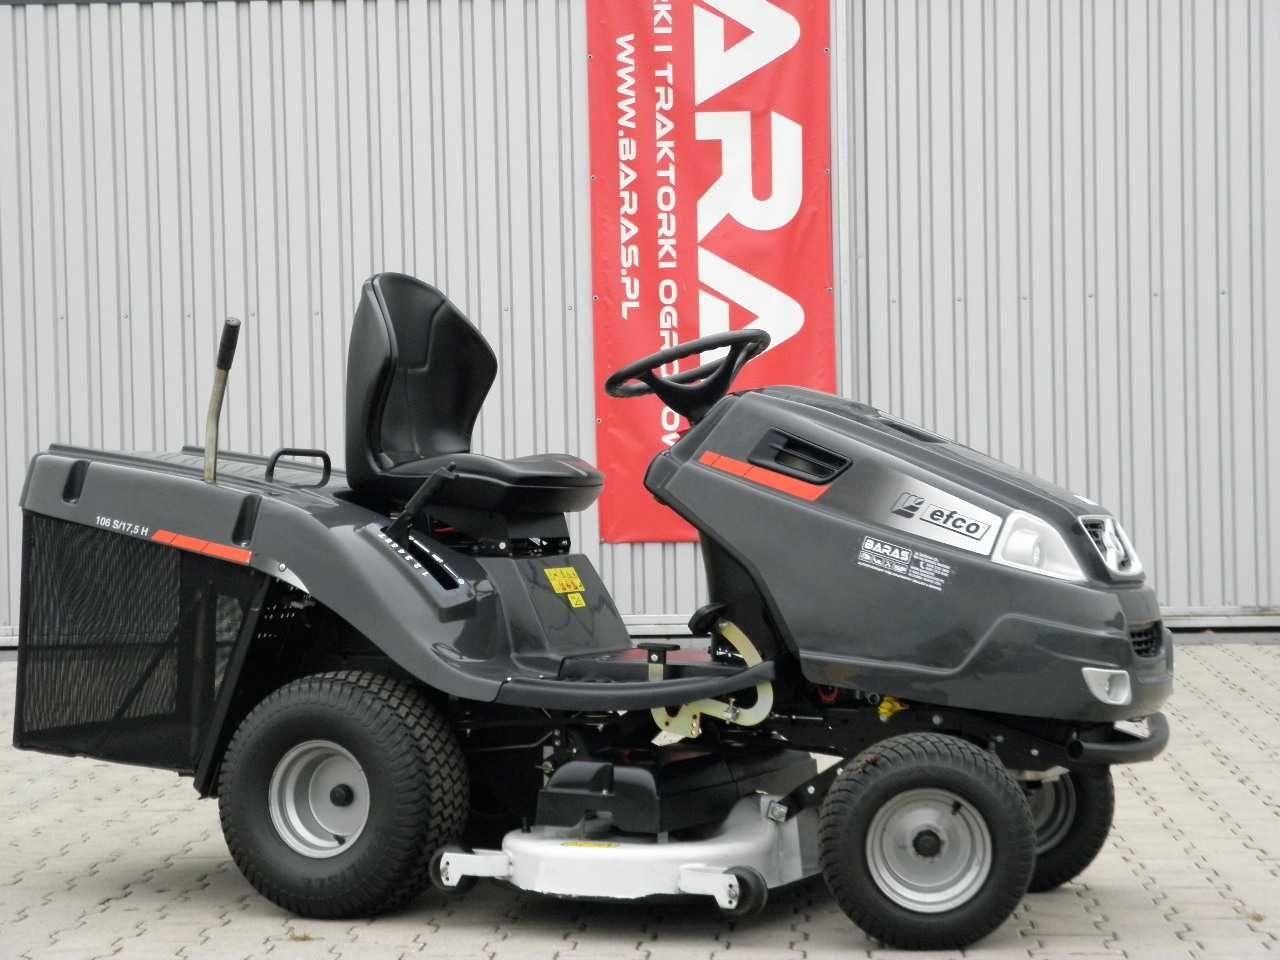 Traktorek kosiarka EFCO 106 S/ 17,5 H Vanguard (290903) - Baras